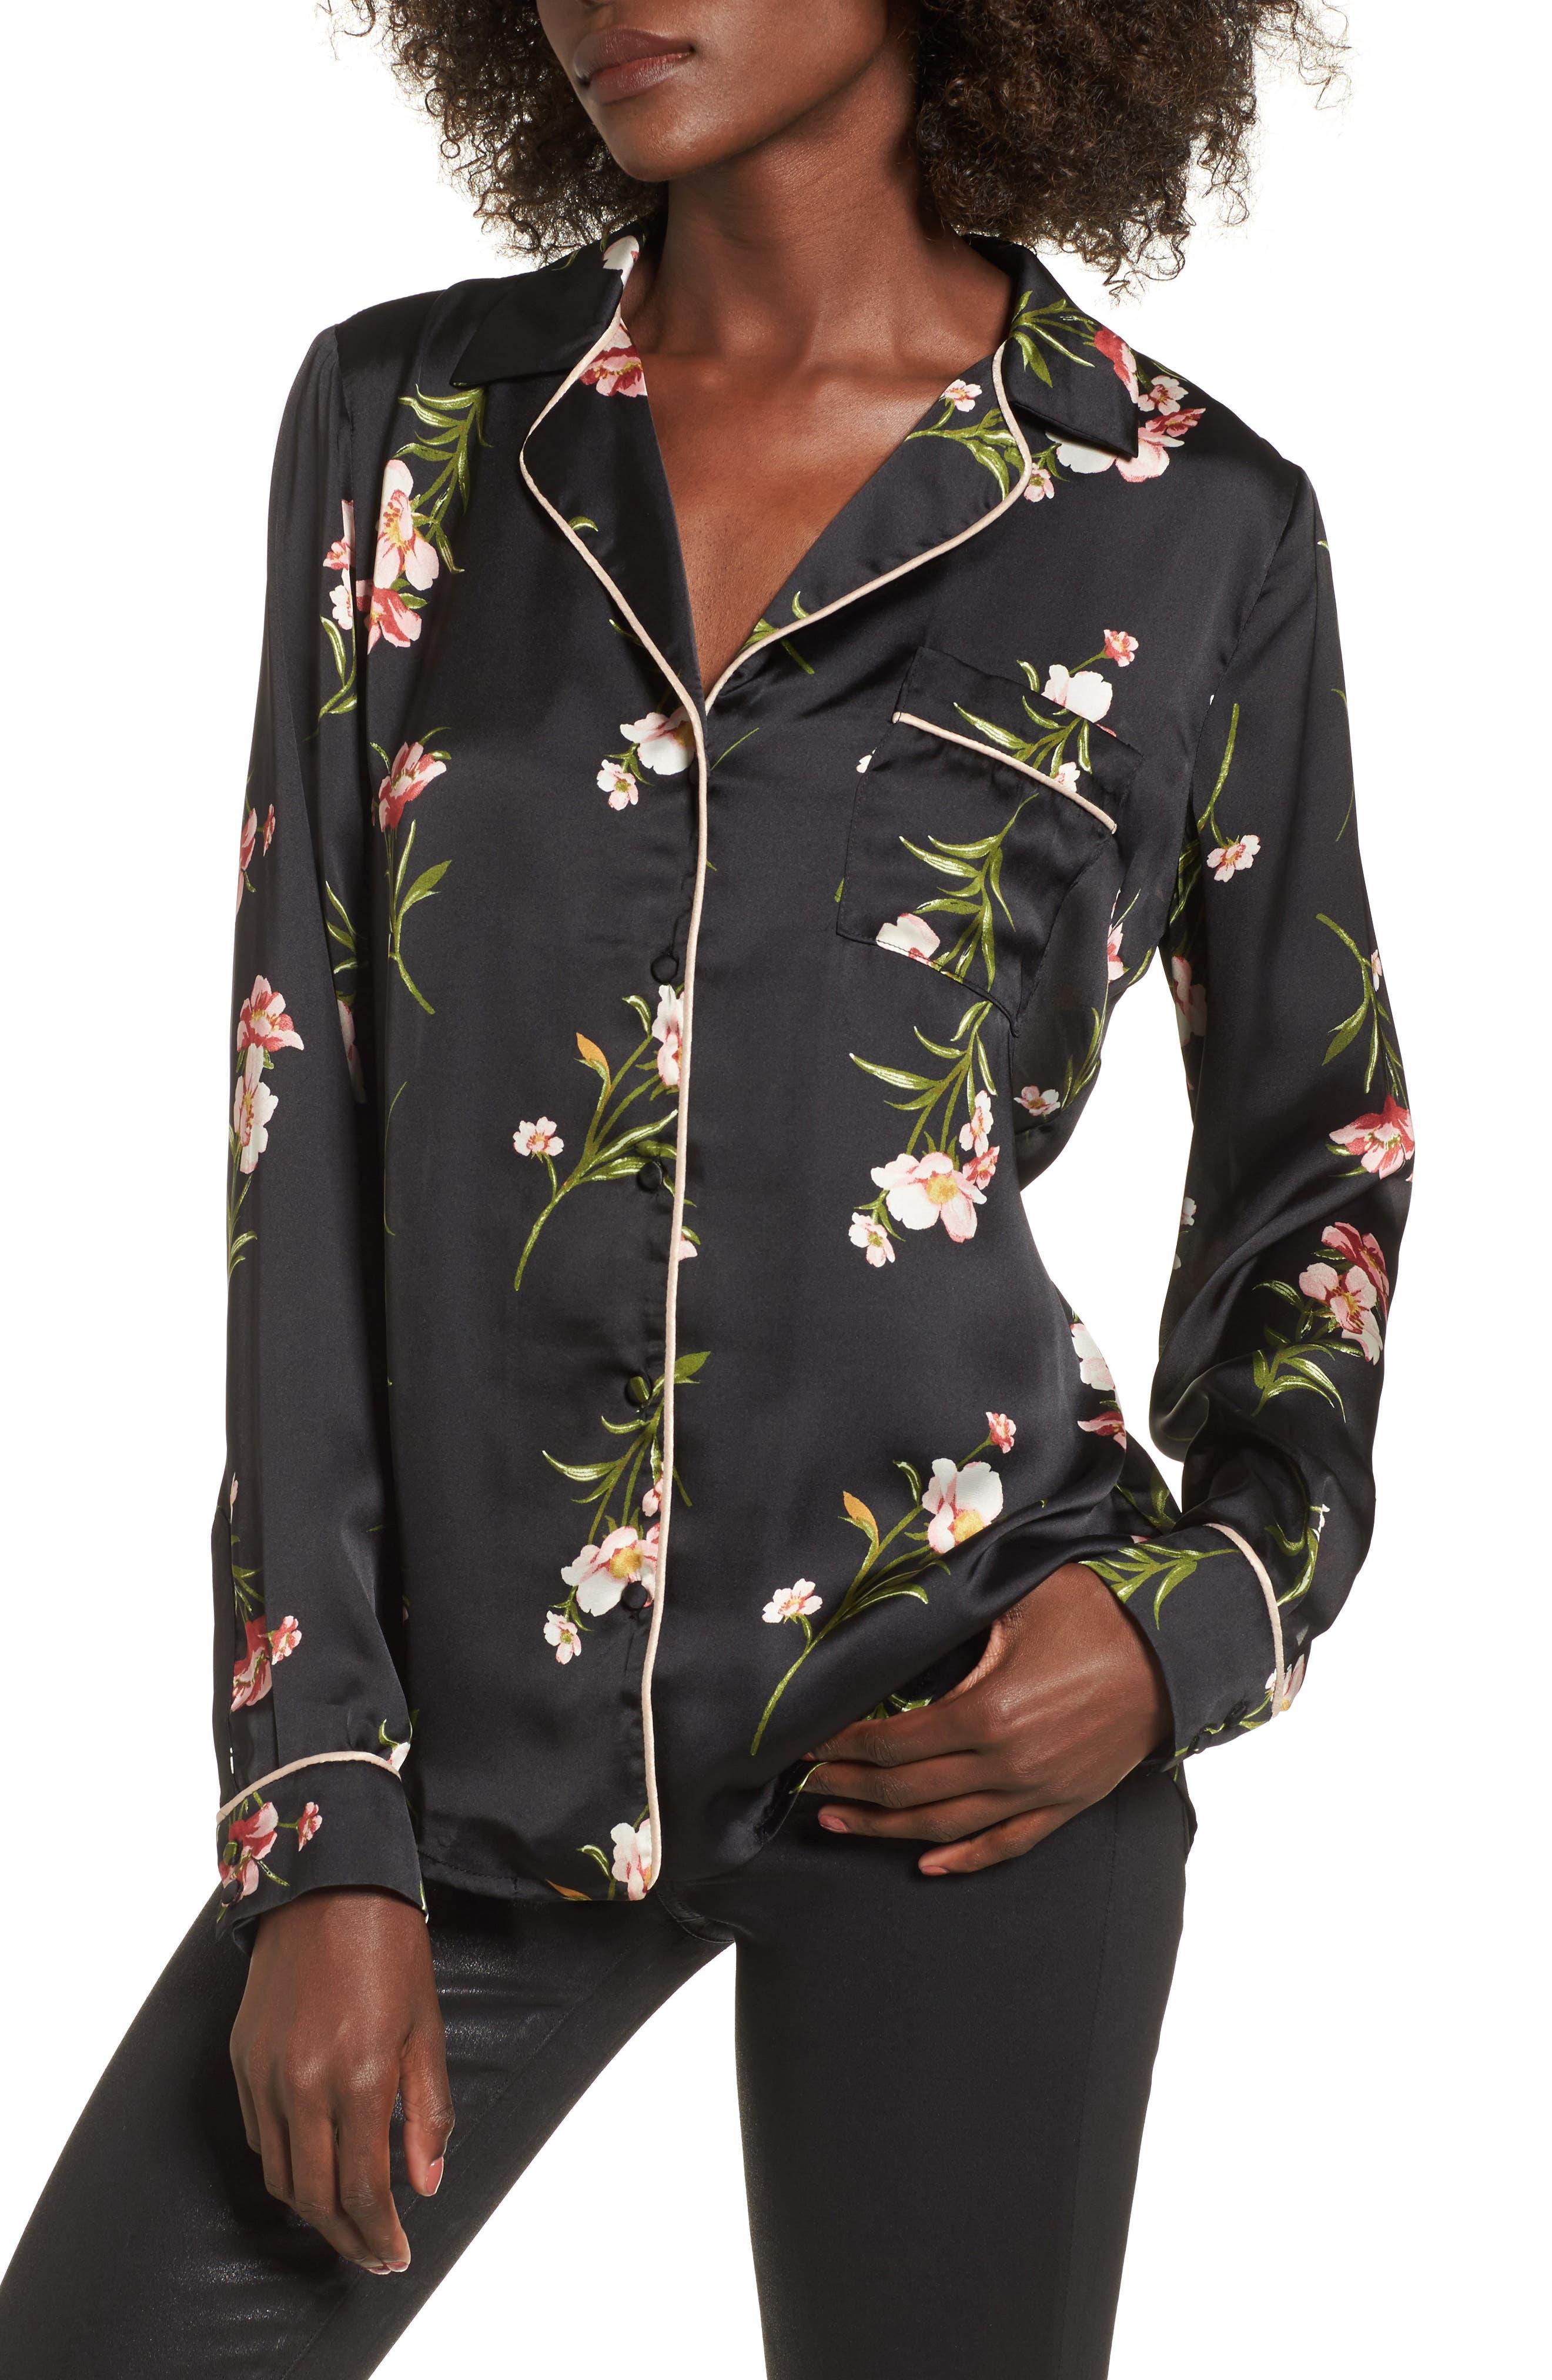 Main Image - Socialite Floral PJ Shirt